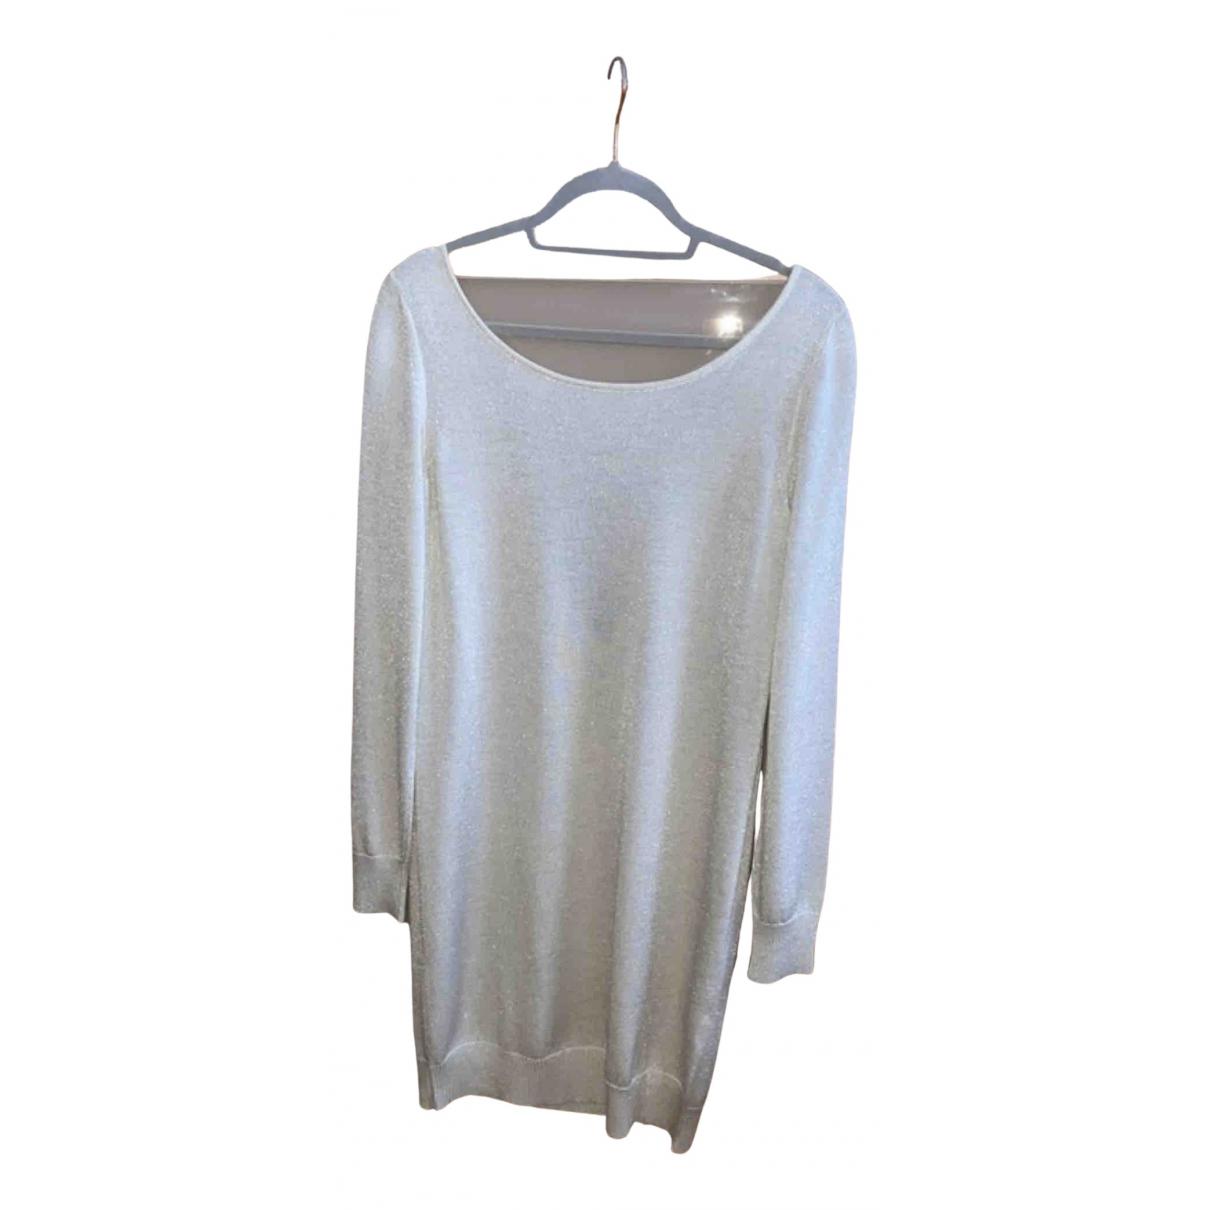 Dolce & Gabbana \N Kleid in  Weiss Wolle